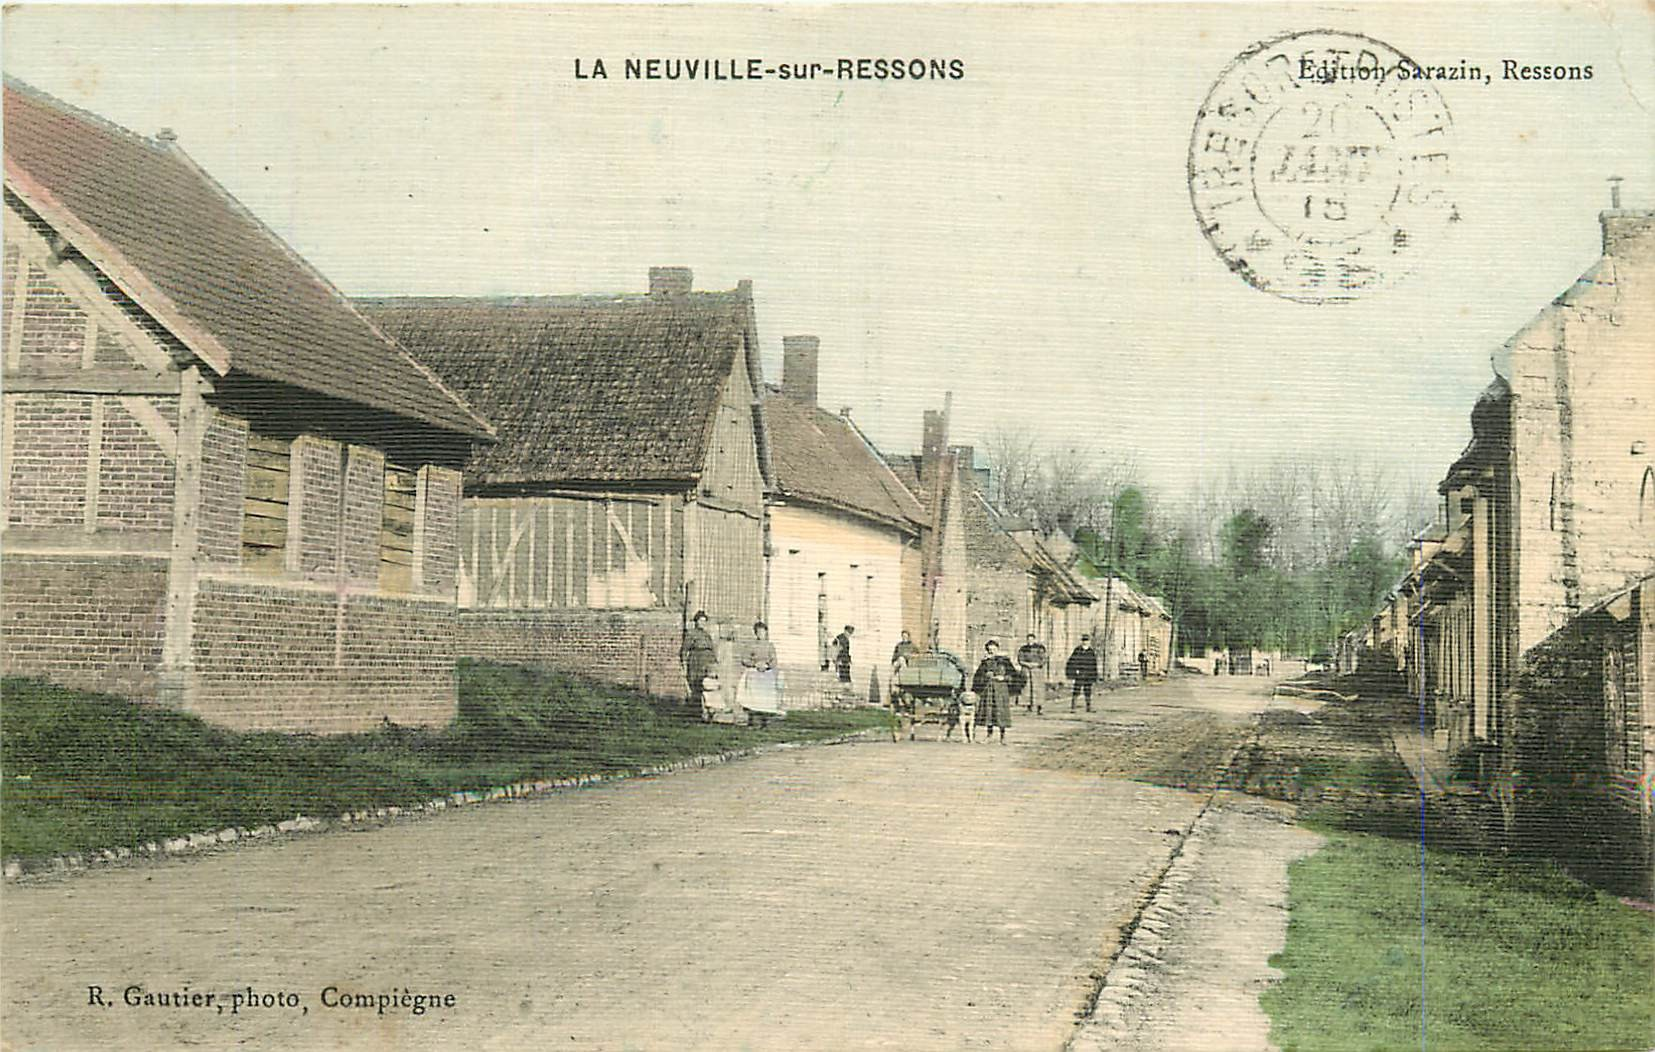 WW 60 LA NEUVILLE-SUR-RESSONS 1915